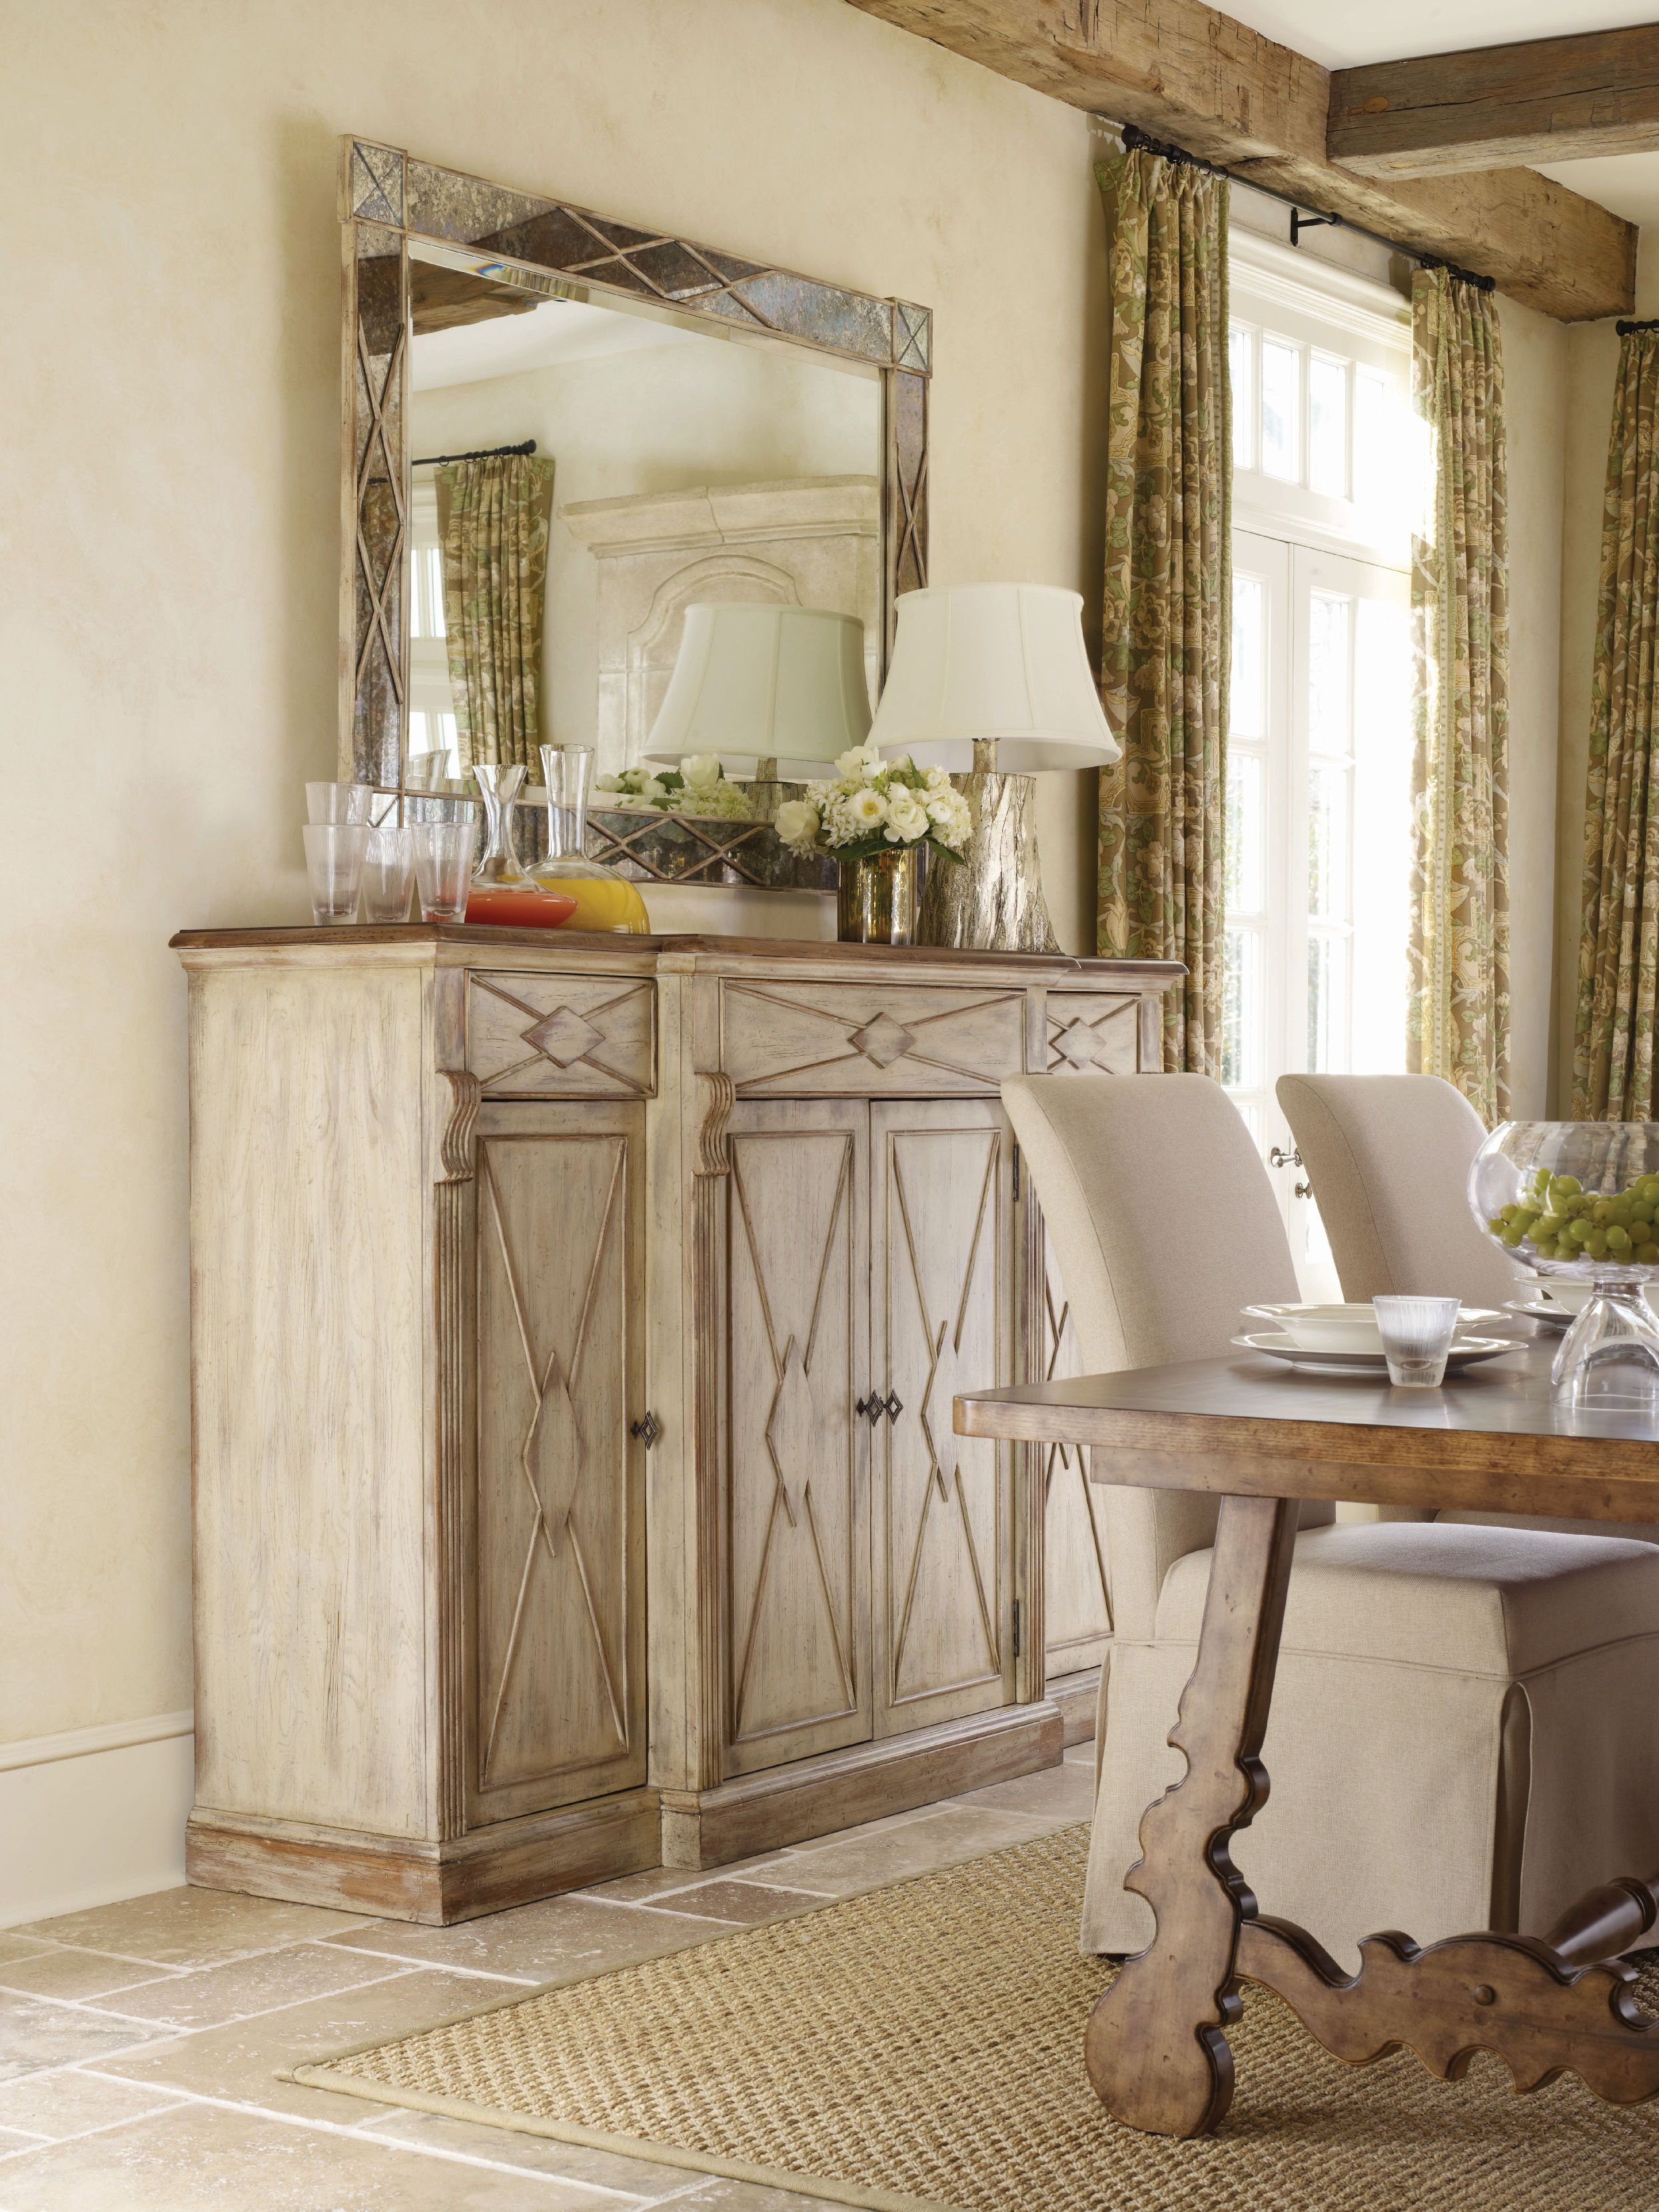 77 X 21 X 50 Hooker Furniture Sanctuary 4- Door 3-Drawer Credenza - & 77 X 21 X 50 Hooker Furniture Sanctuary 4- Door 3-Drawer Credenza ...